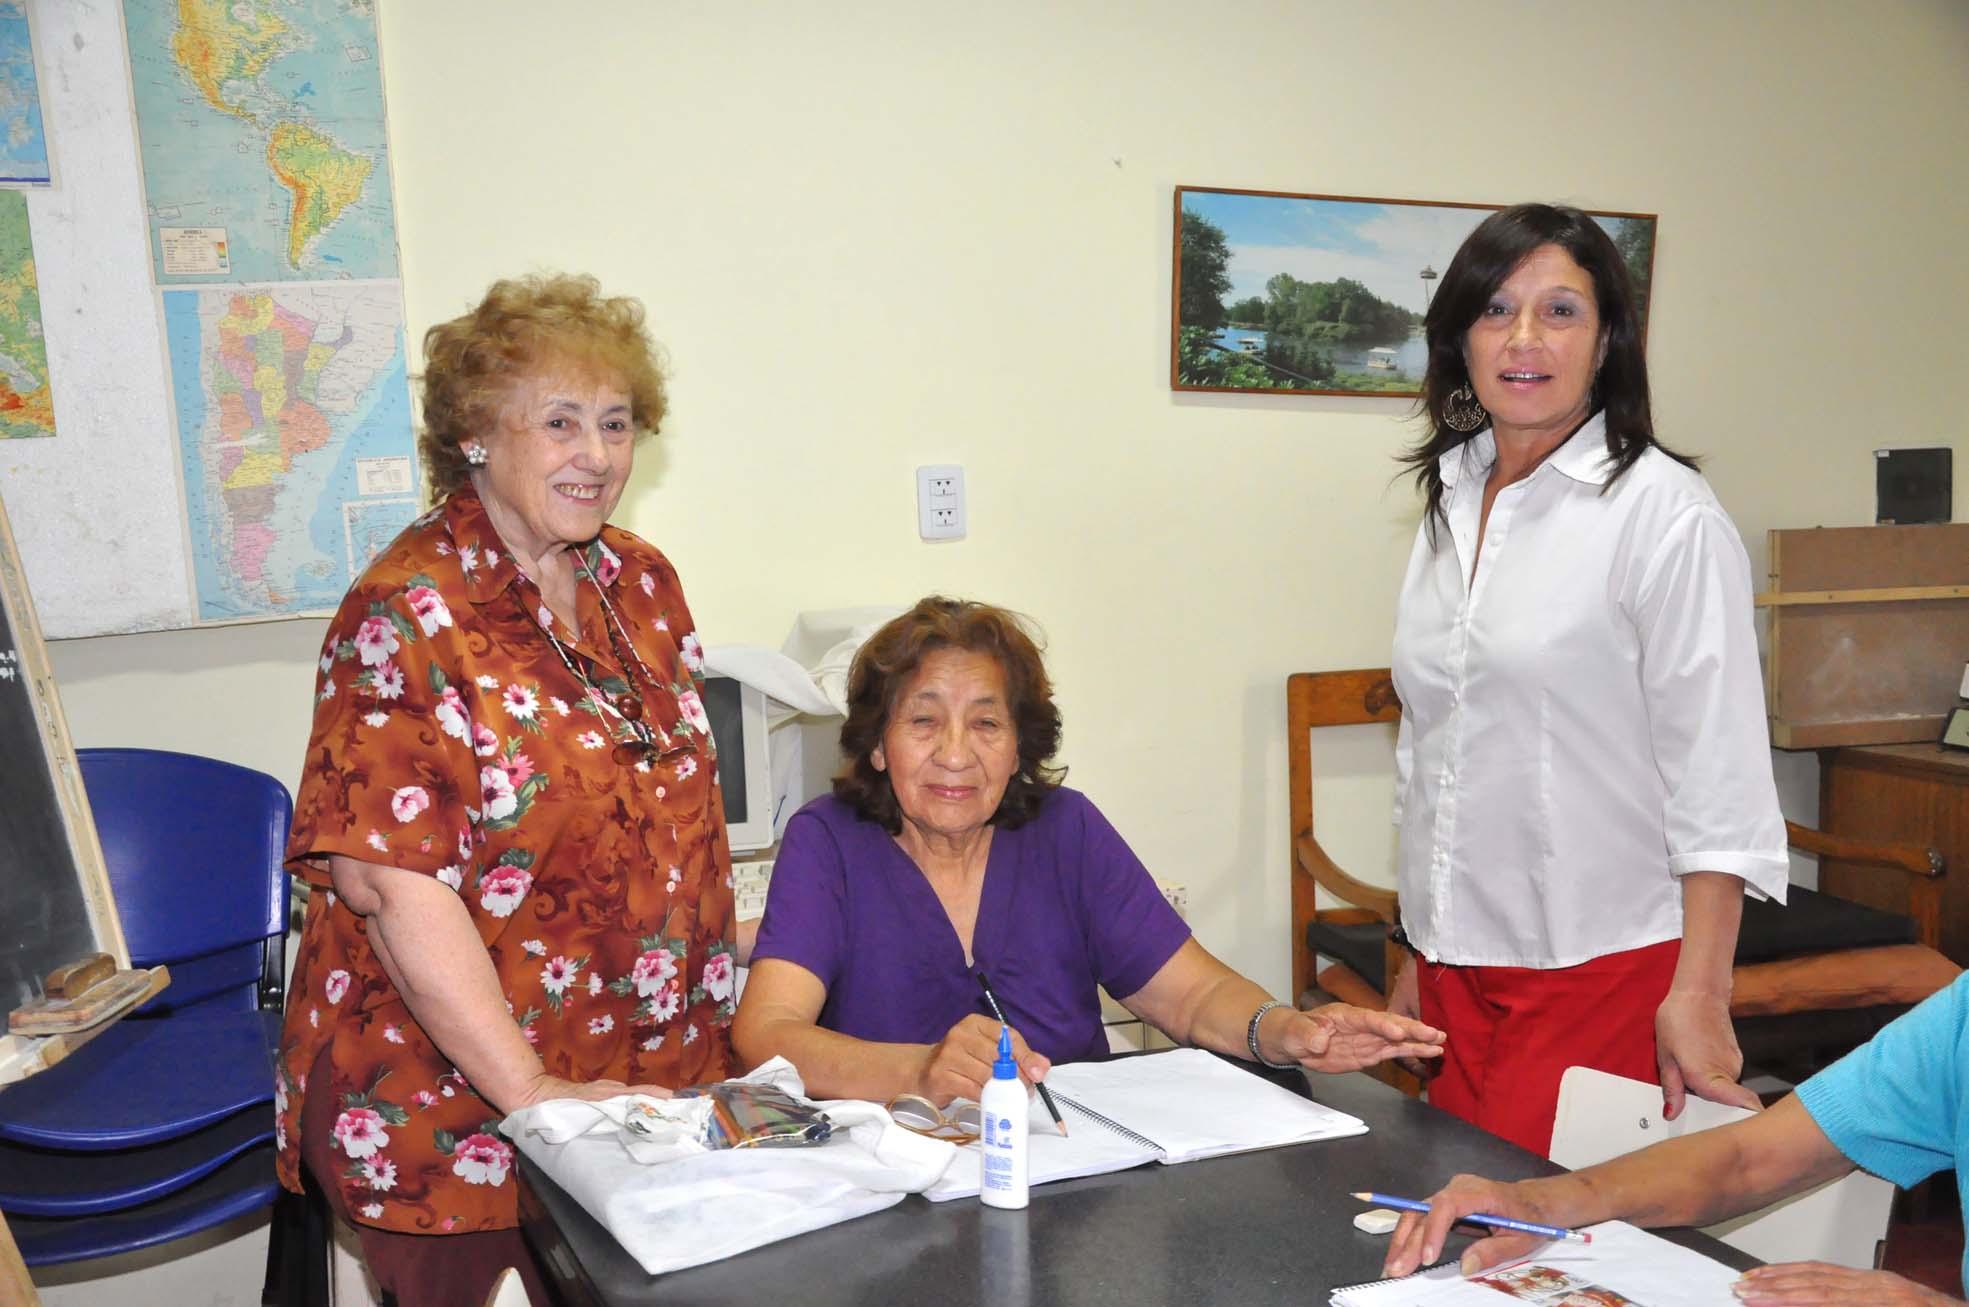 Los Centros de Alfabetización llevan 3 meses en funcionamiento